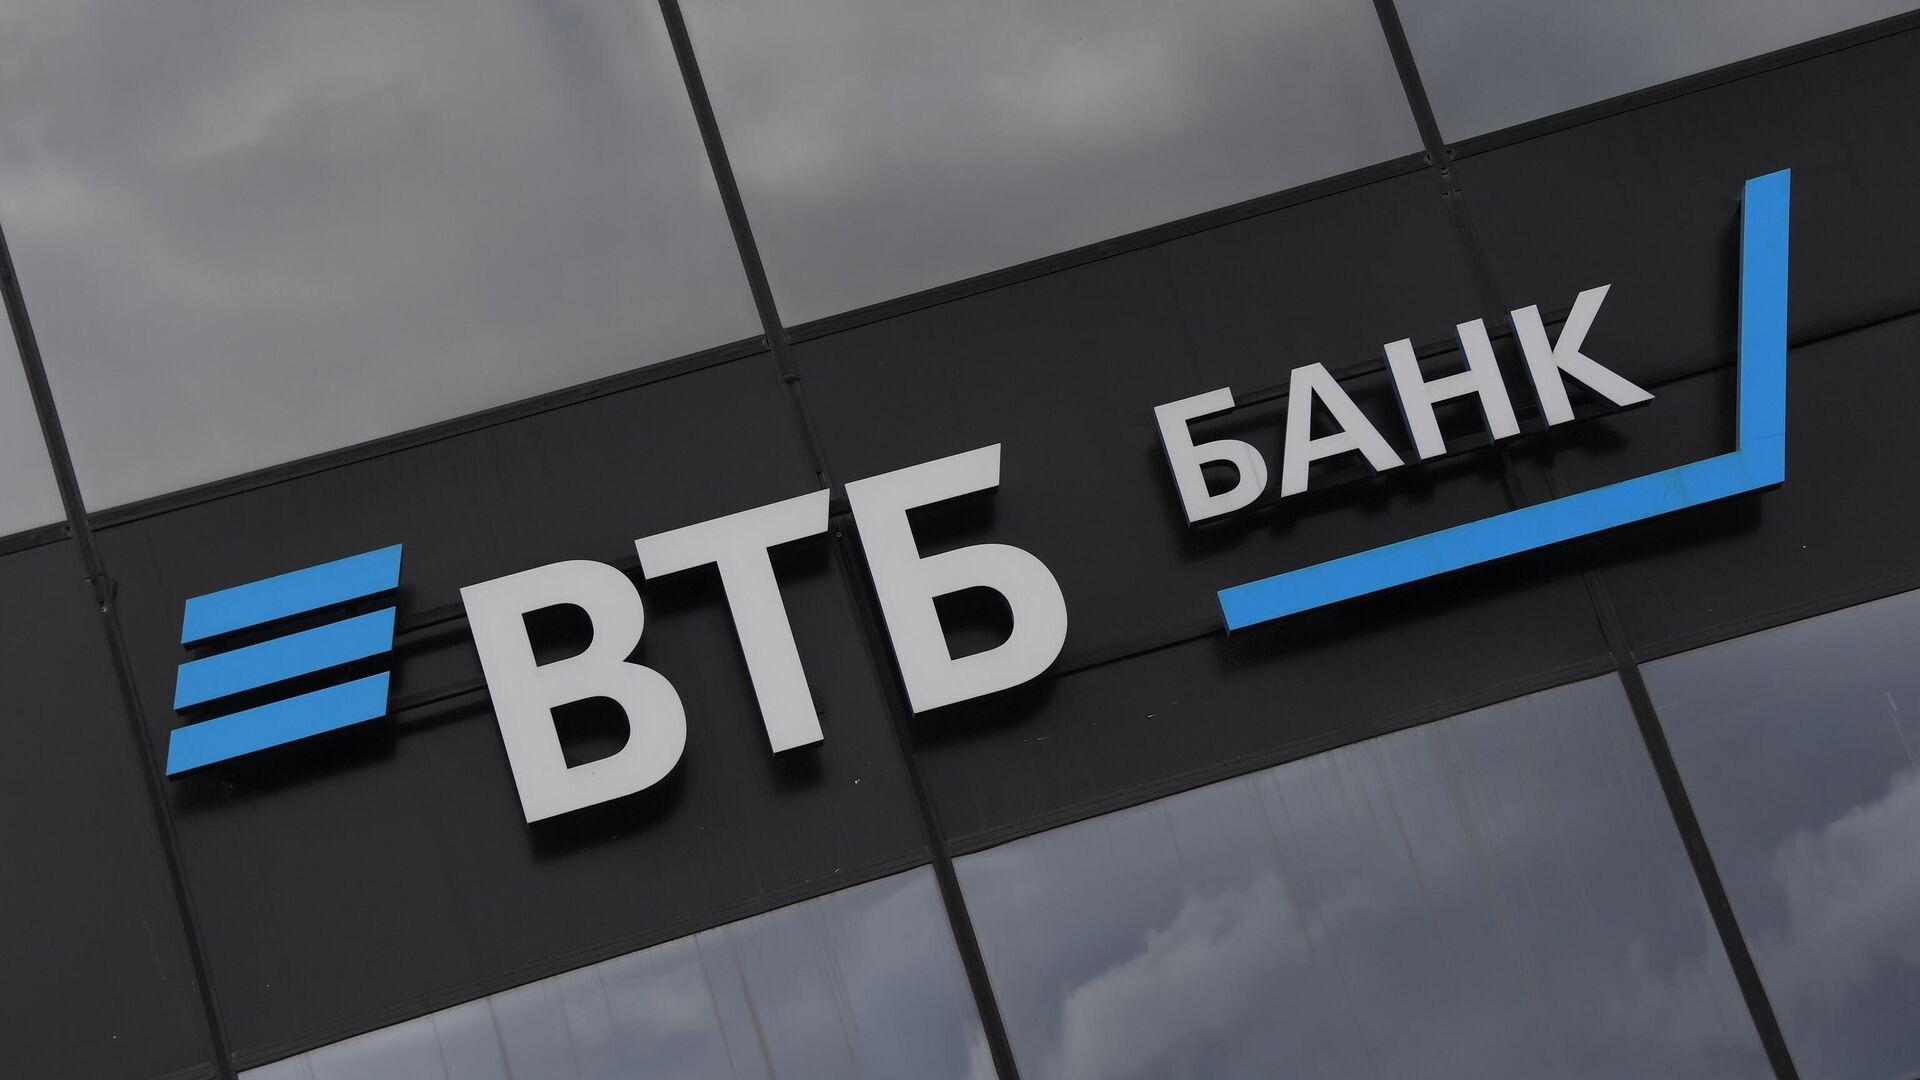 Отделение банка ВТБ на одной из улиц в Москве - РИА Новости, 1920, 21.09.2020